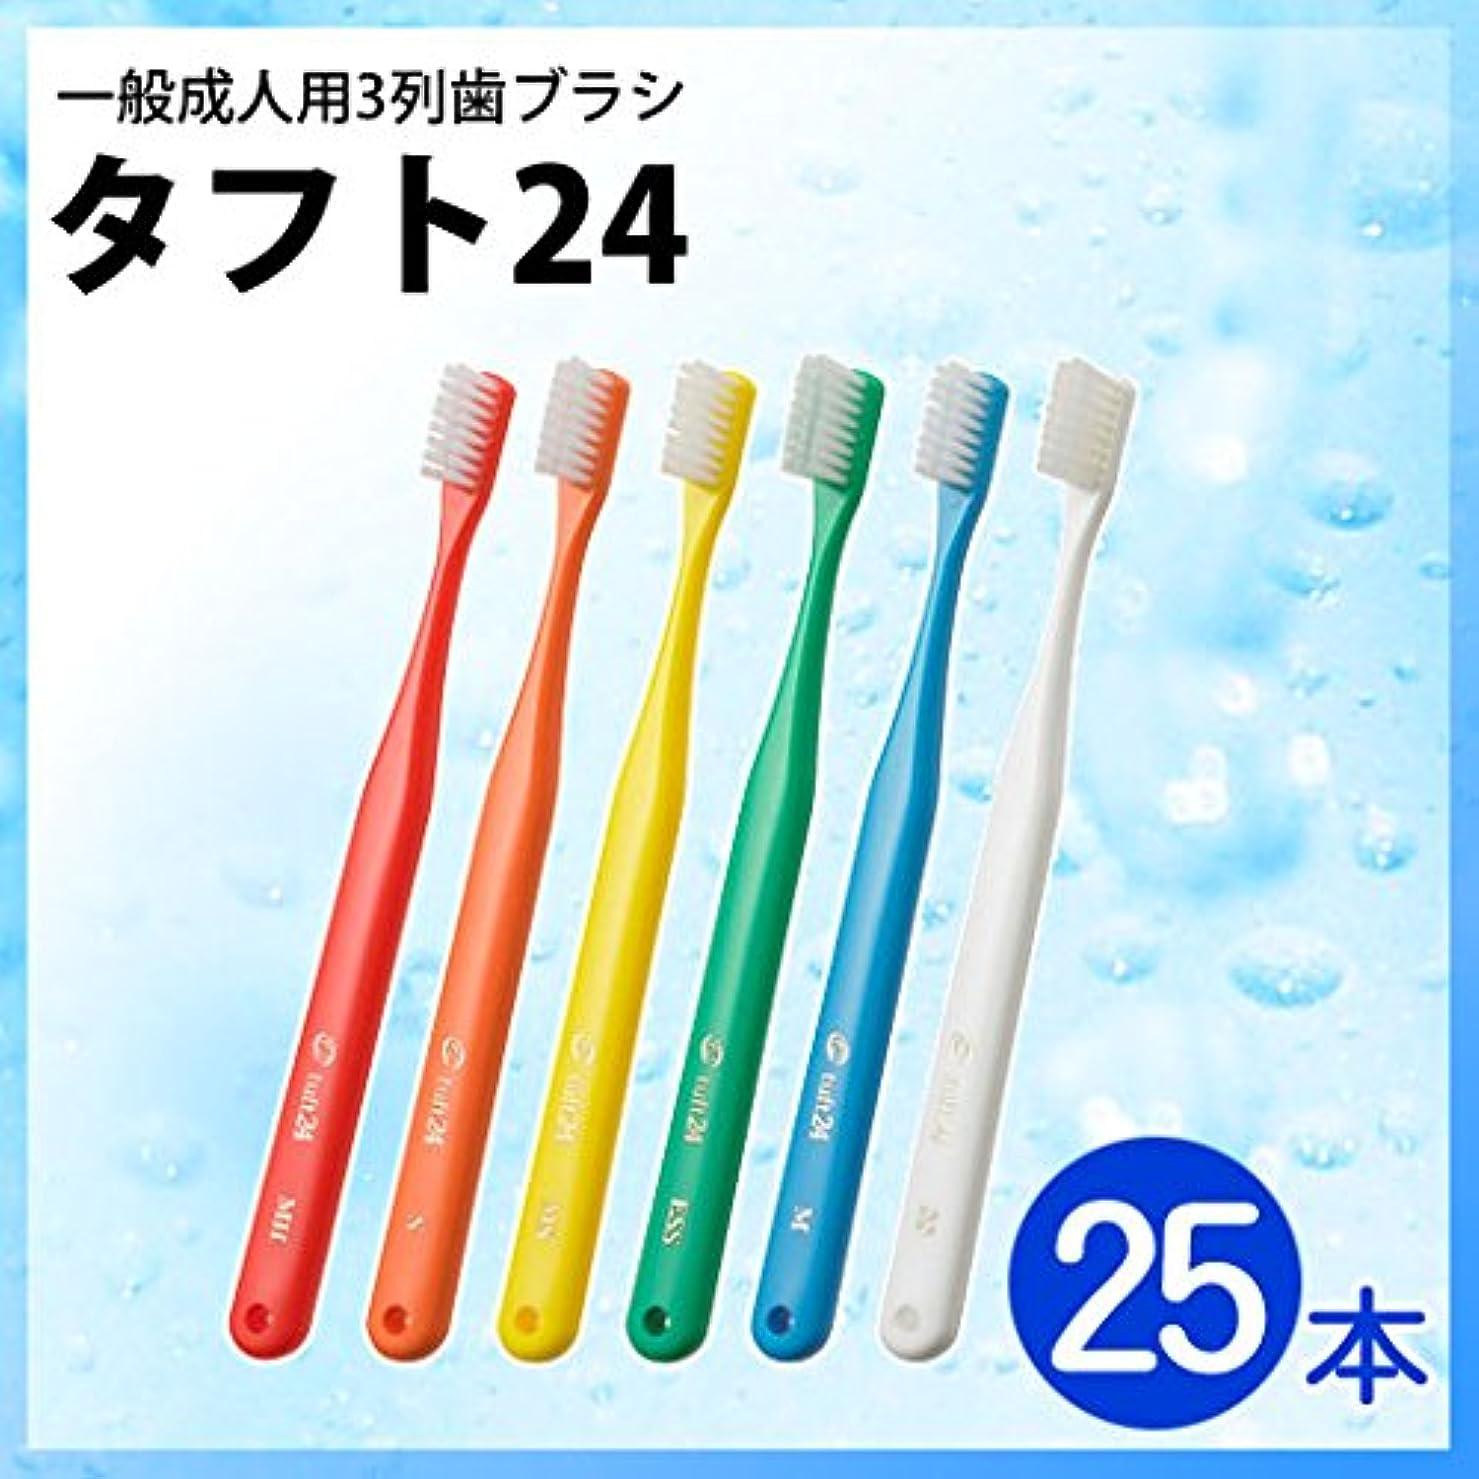 見つける正確さ意義タフト24 【歯ブラシ/タフト】25本セットオーラルケア タフト24 一般成人用 3列歯ブラシ MH(ミディアムハード) ブルー